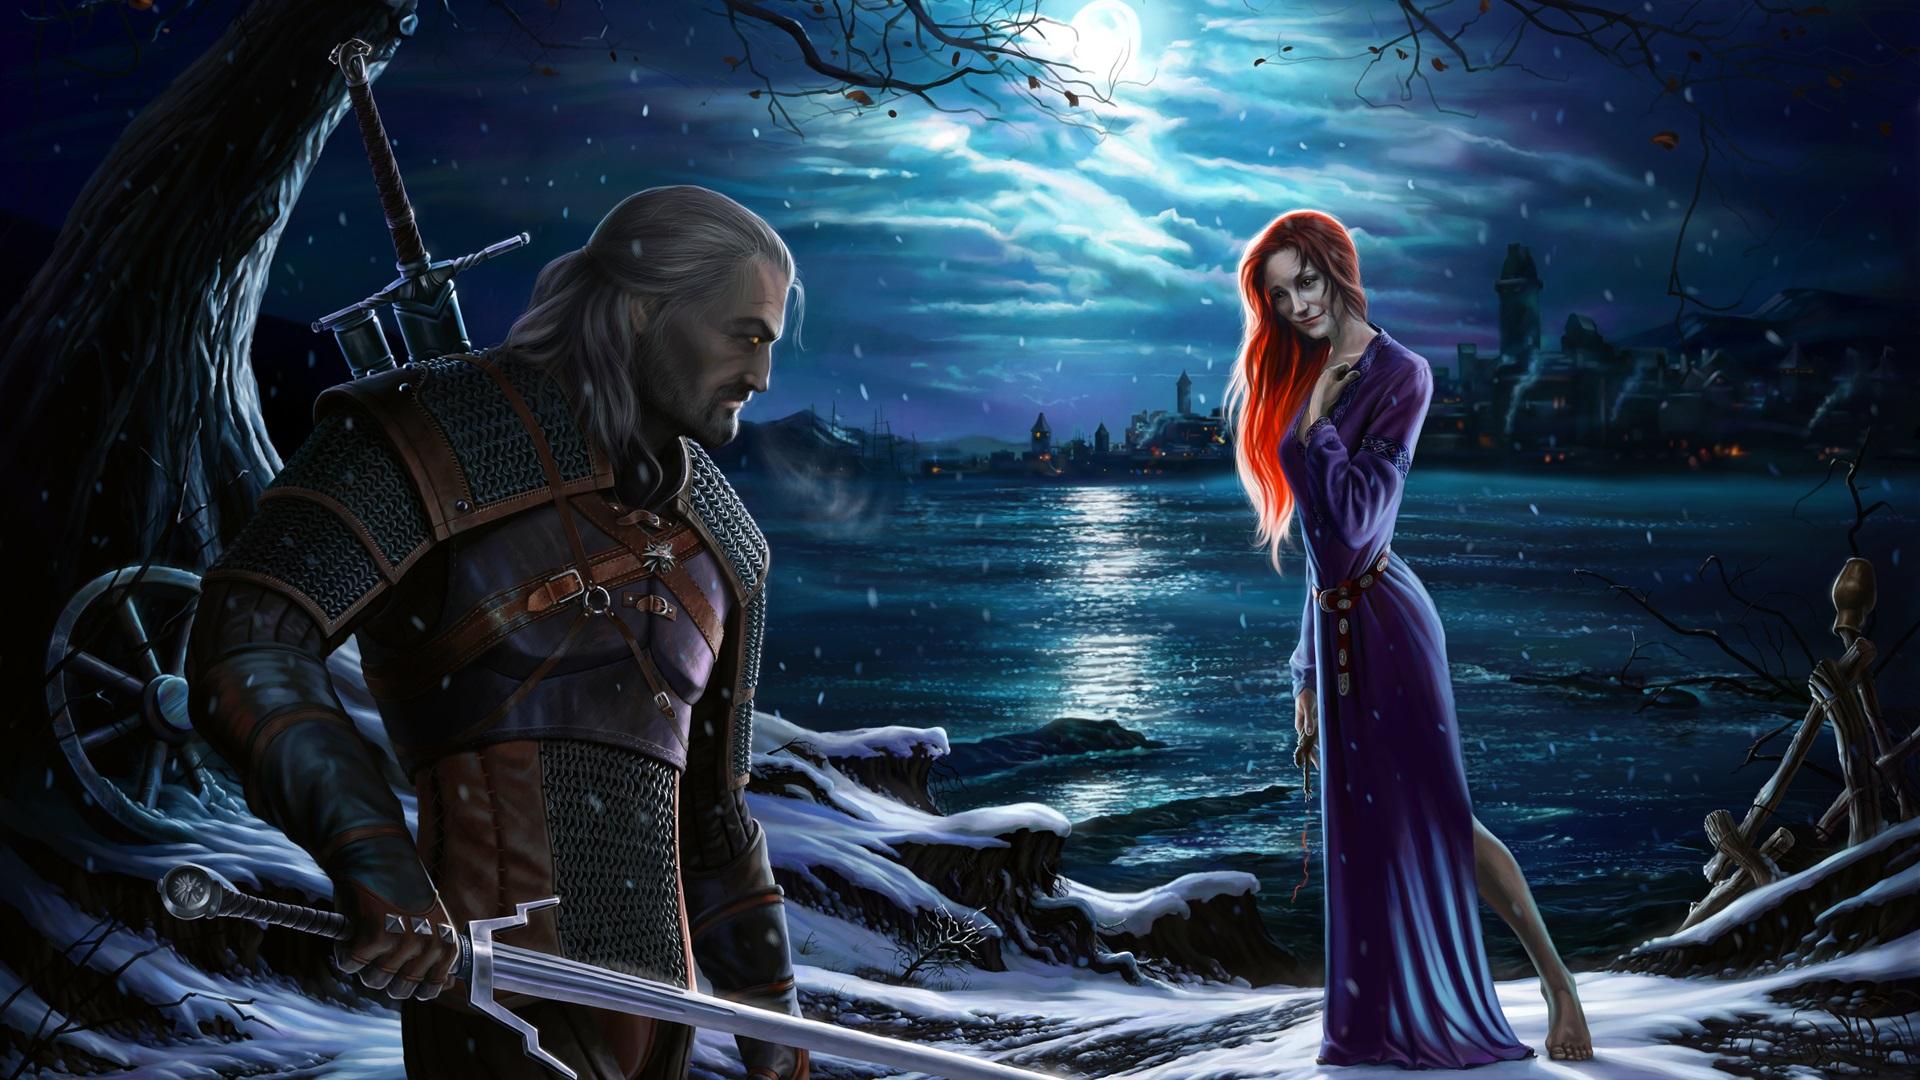 Fondos De Pantalla Los Witcher 3 Wild Hunt Cuadros Del